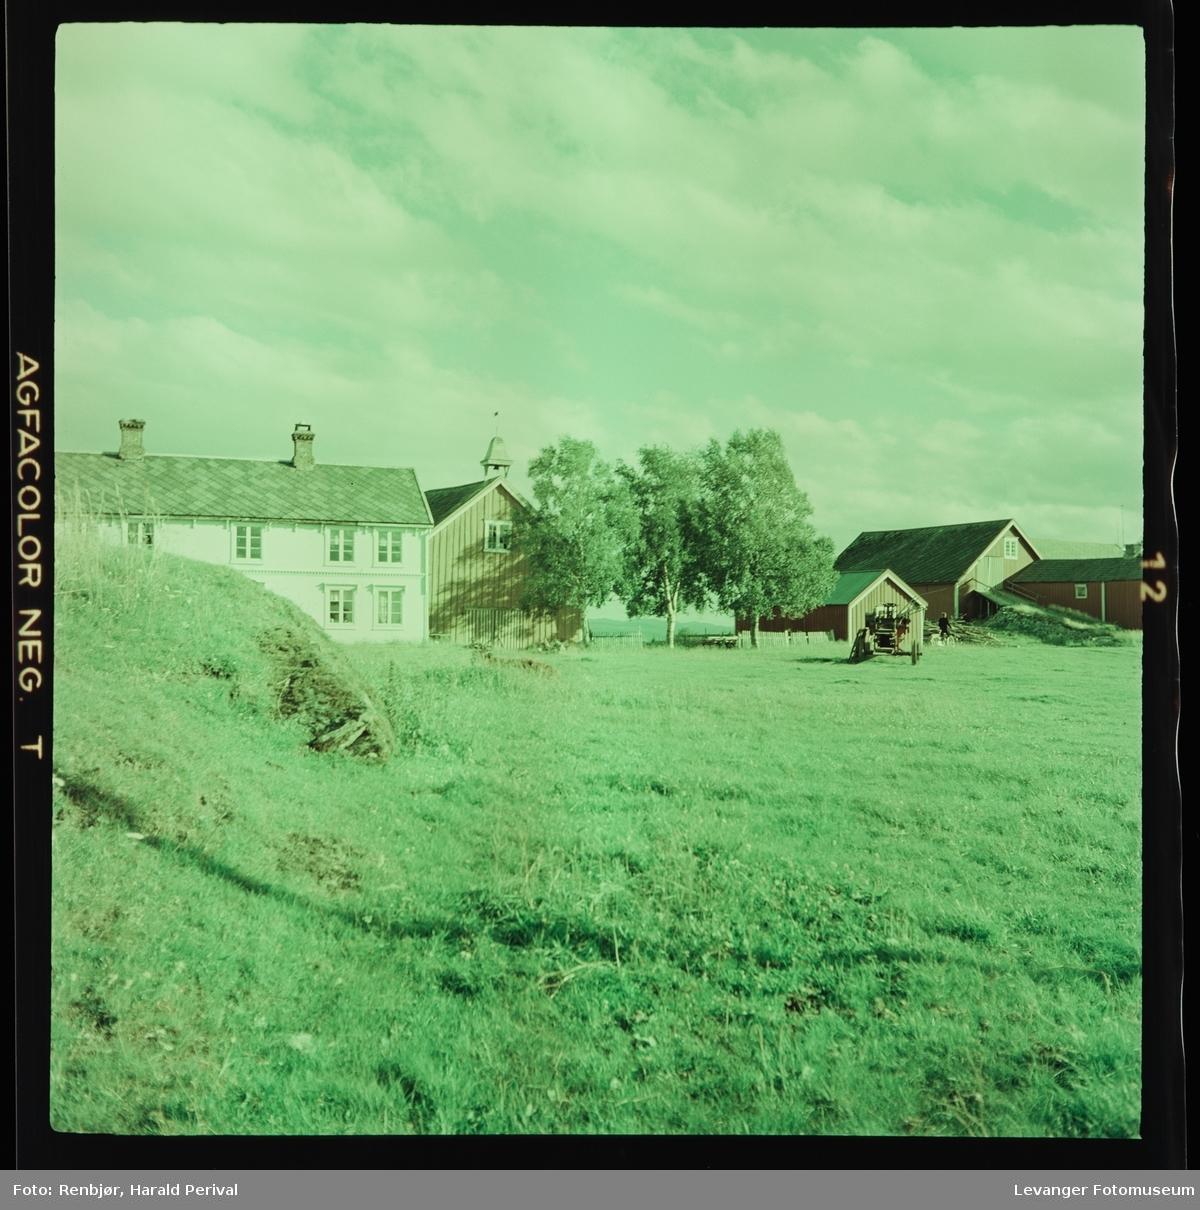 Logtun-gårdene på Frosta. Logtun østre til venstre, Logtun vestre til høyre.